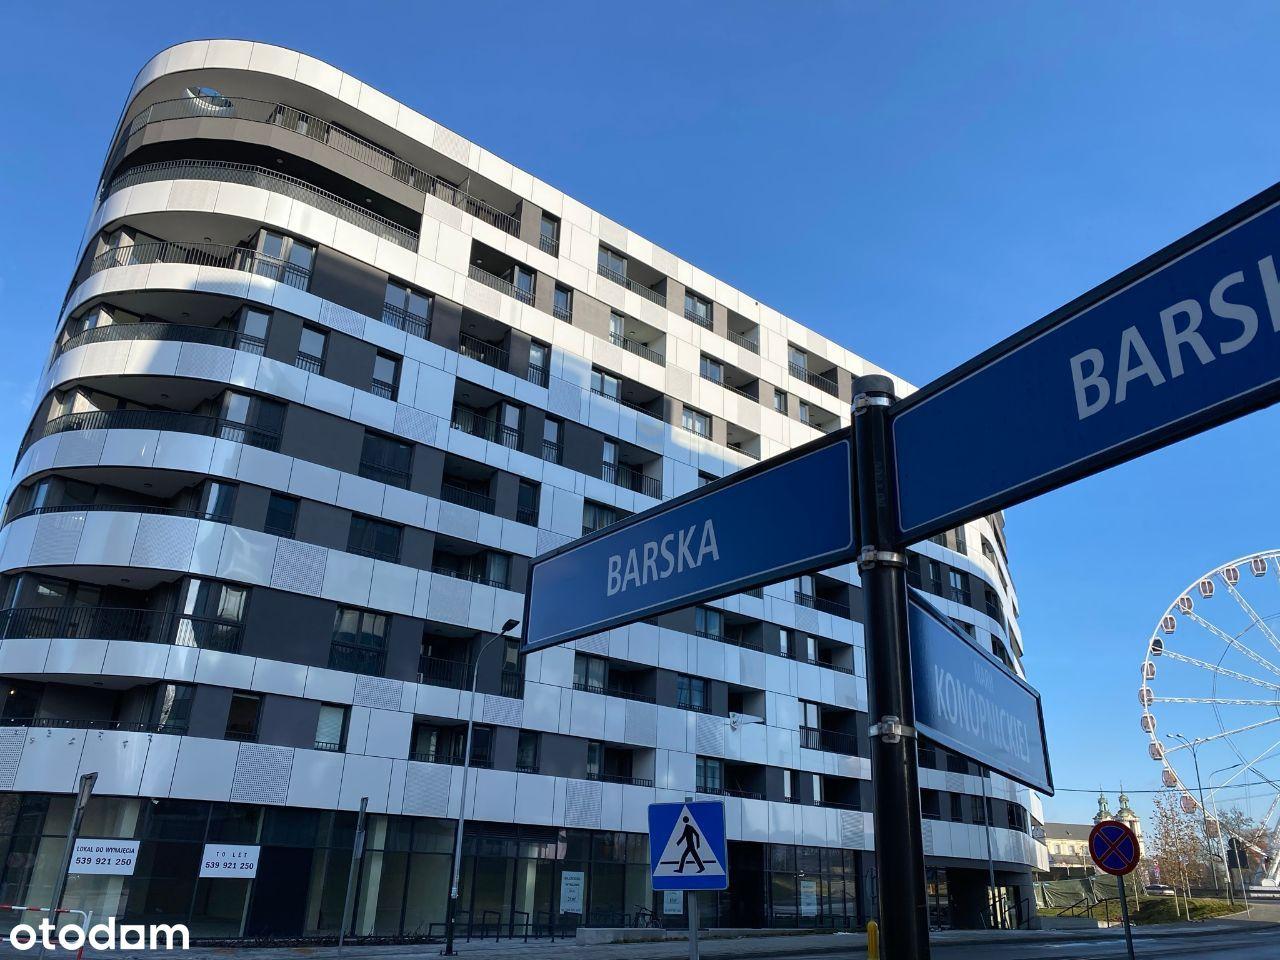 Mieszkanie 79m2 wraz z tarasem 16m2- Barska 69